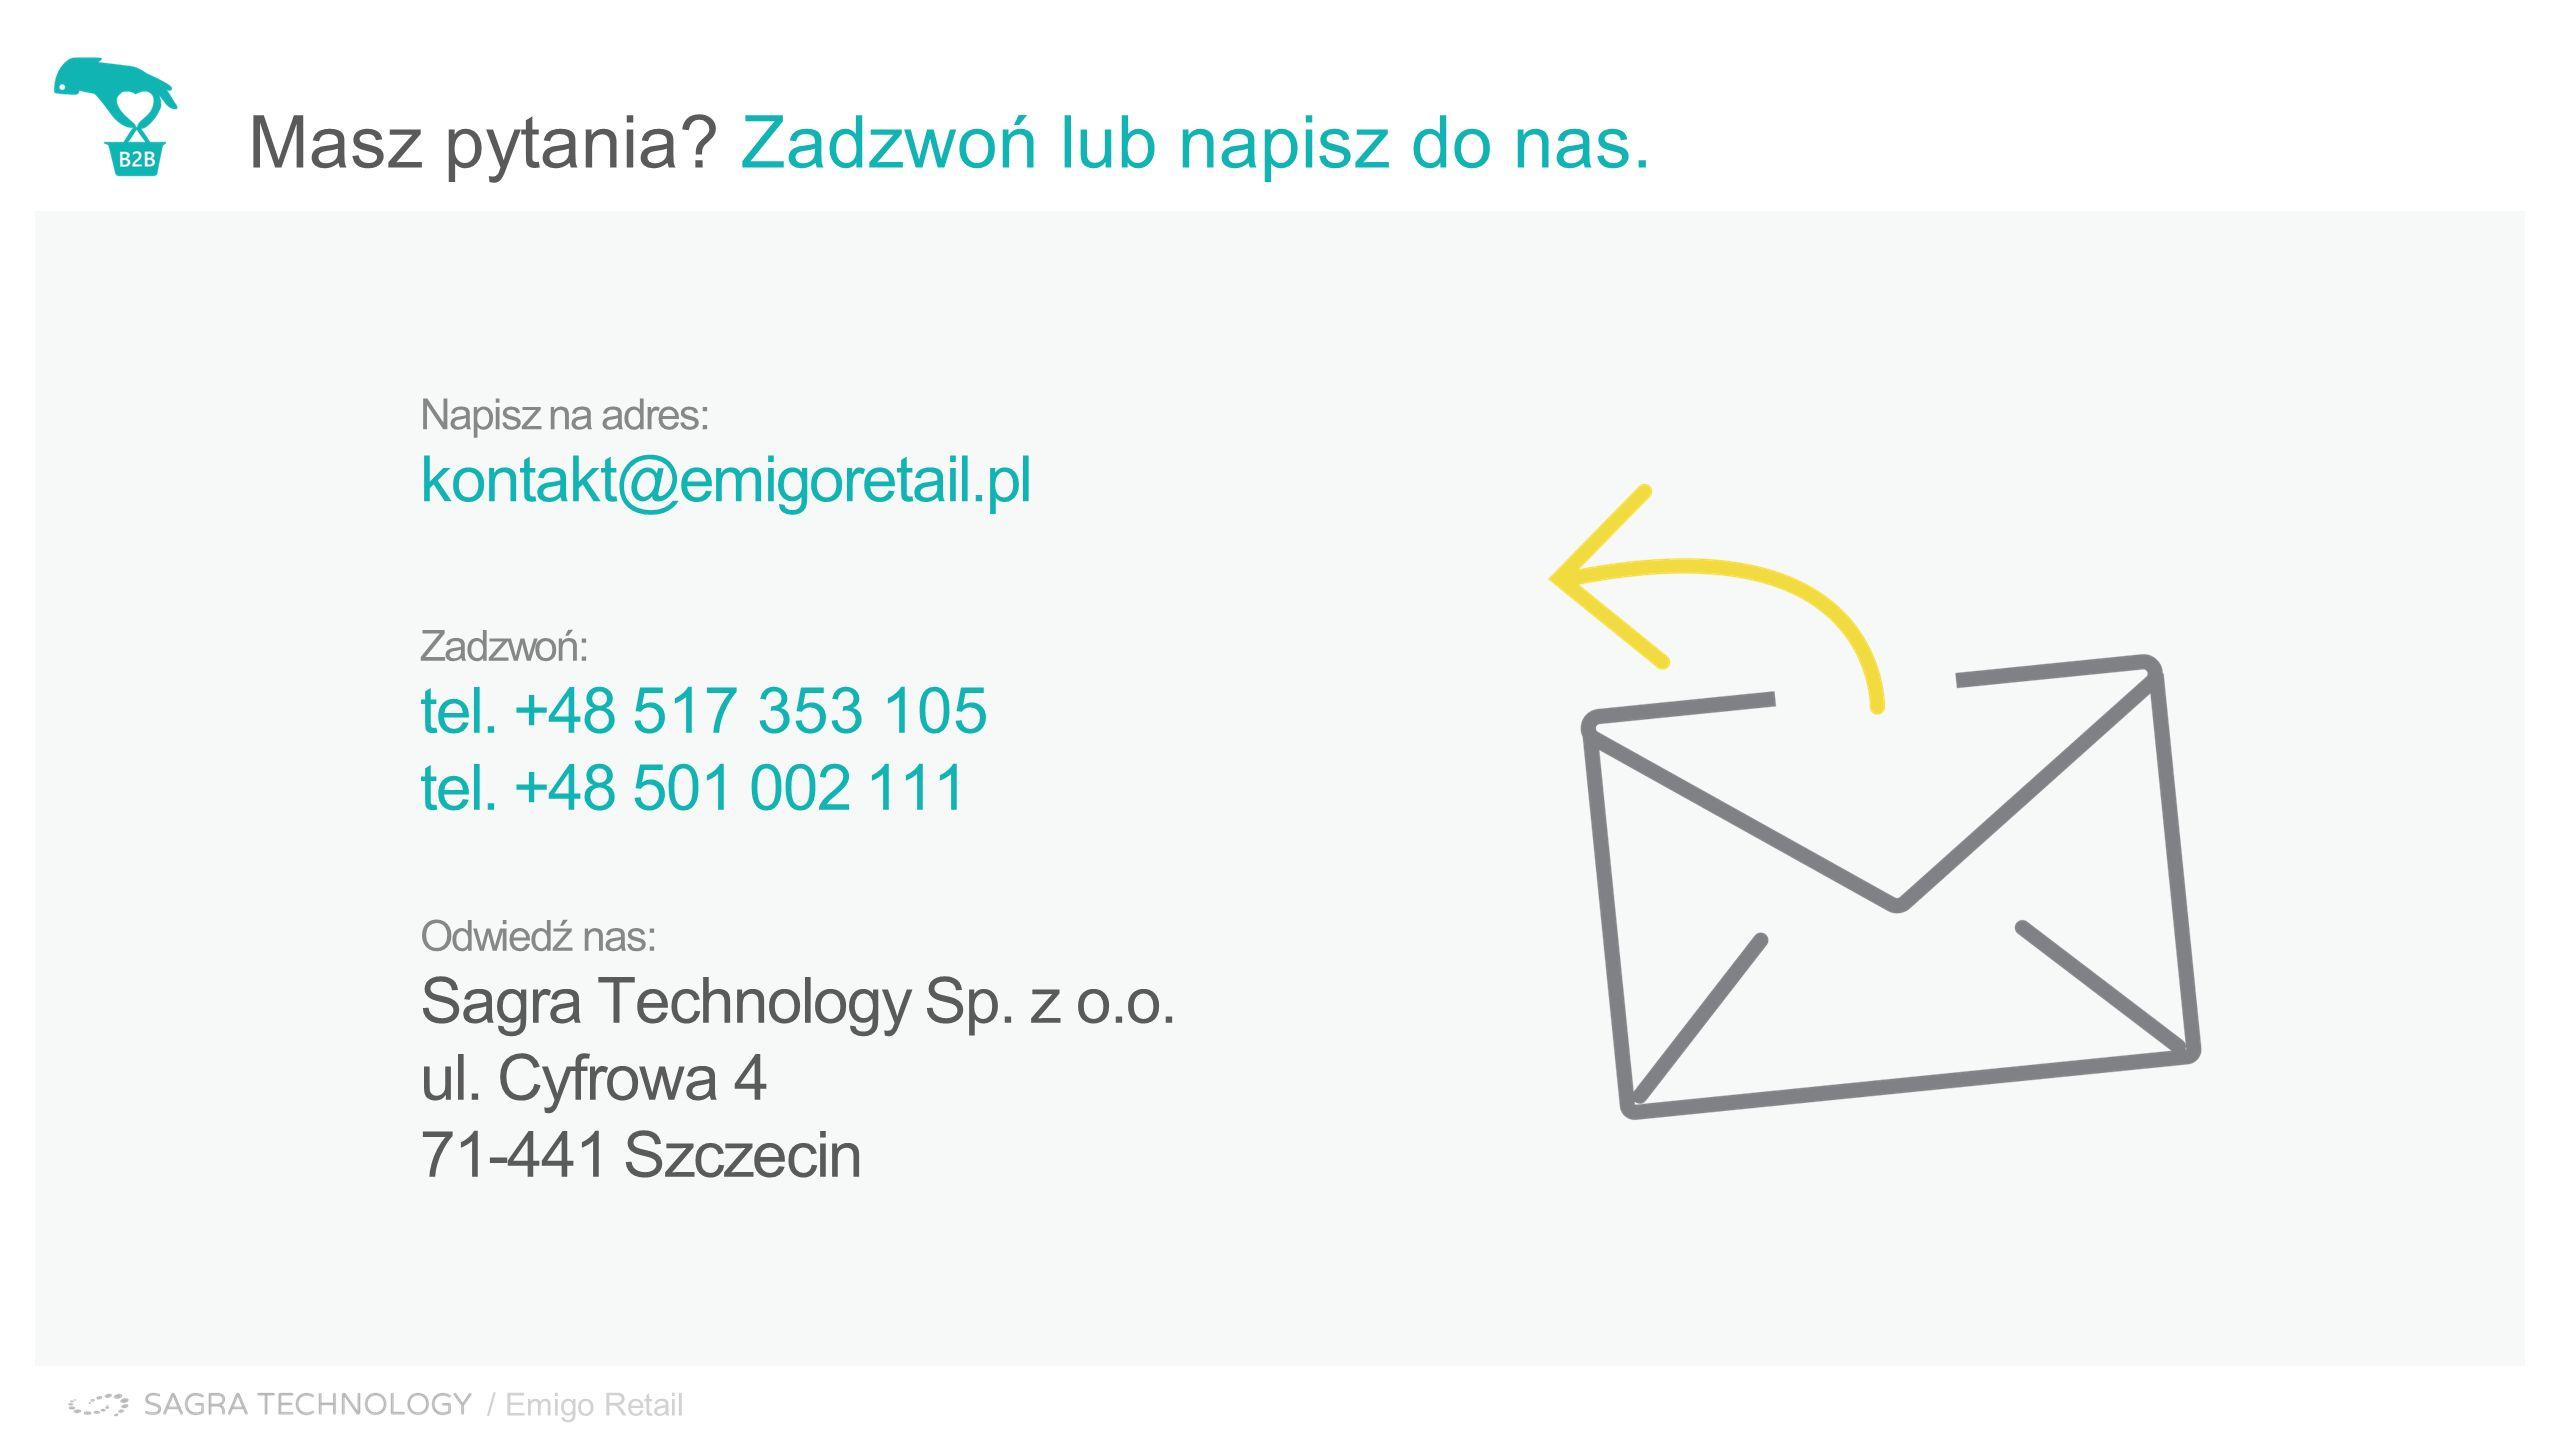 Kontakt Masz pytania? Zadzwoń lub napisz do nas. Napisz na adres: kontakt@emigoretail.pl Zadzwoń: tel. +48 517 353 105 tel. +48 501 002 111 Odwiedź na